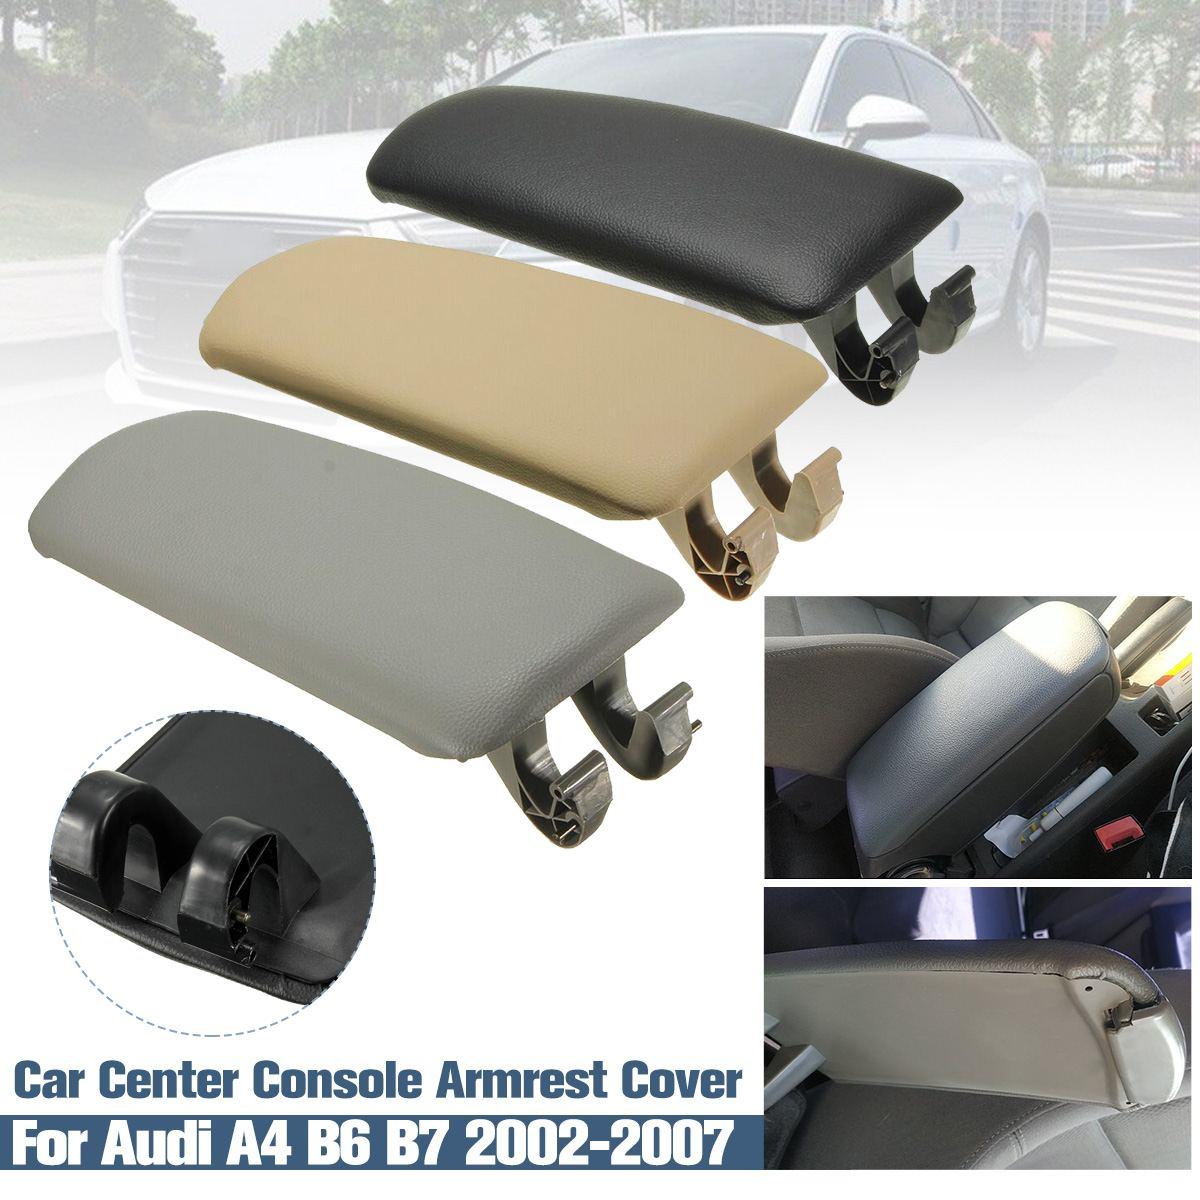 Кожаная Автомобильная центральная консоль, подлокотник, крышка для подлокотника, коробка для хранения, крышка для Audi A4 B6 B7 2002 2003 2004 2005 2006 2007 Подлокотники      АлиЭкспресс